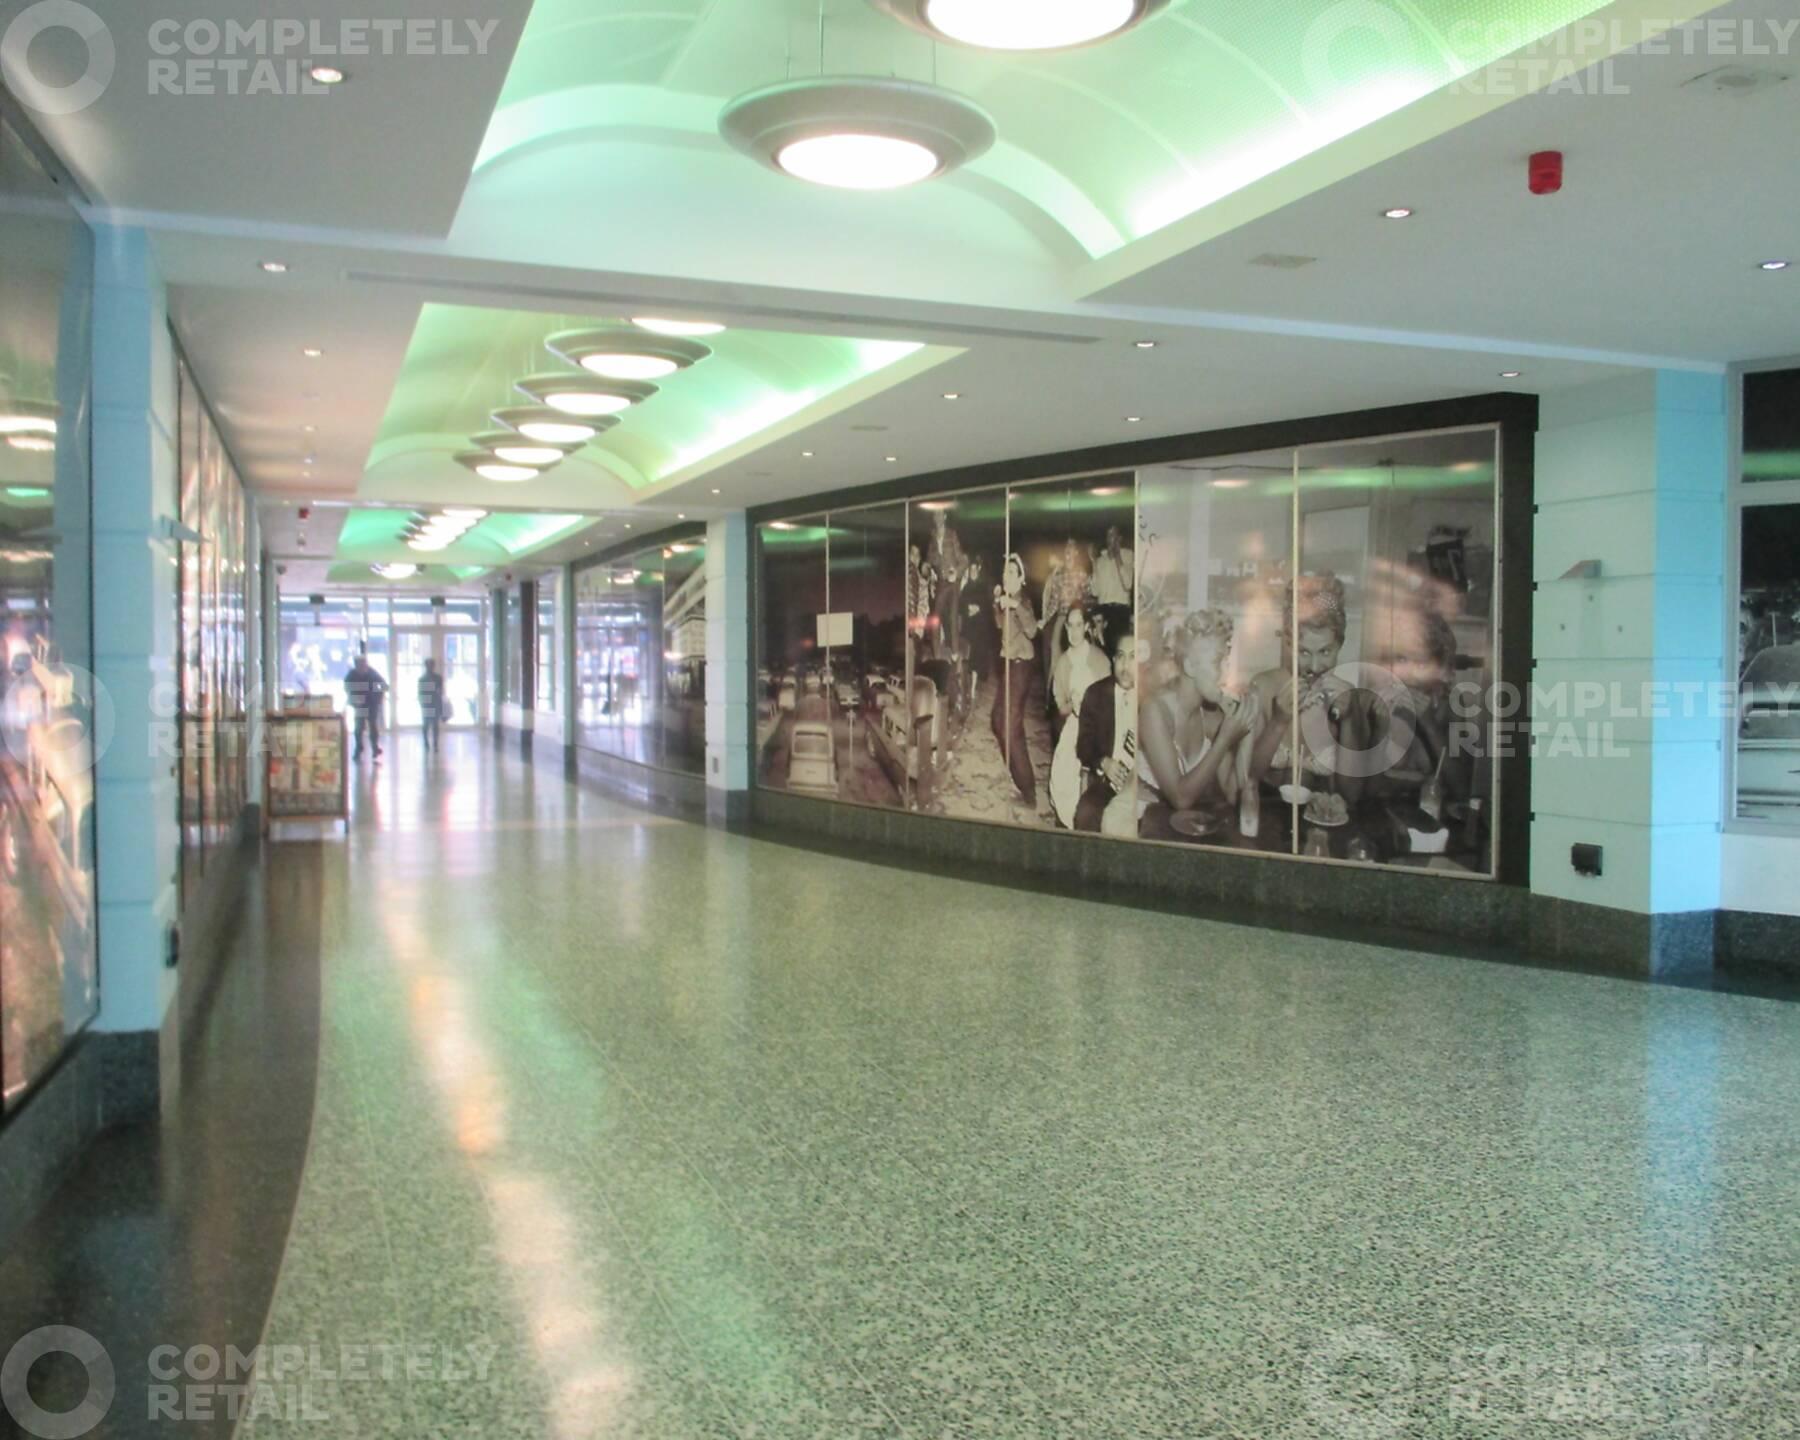 Grants Entertainment Centre